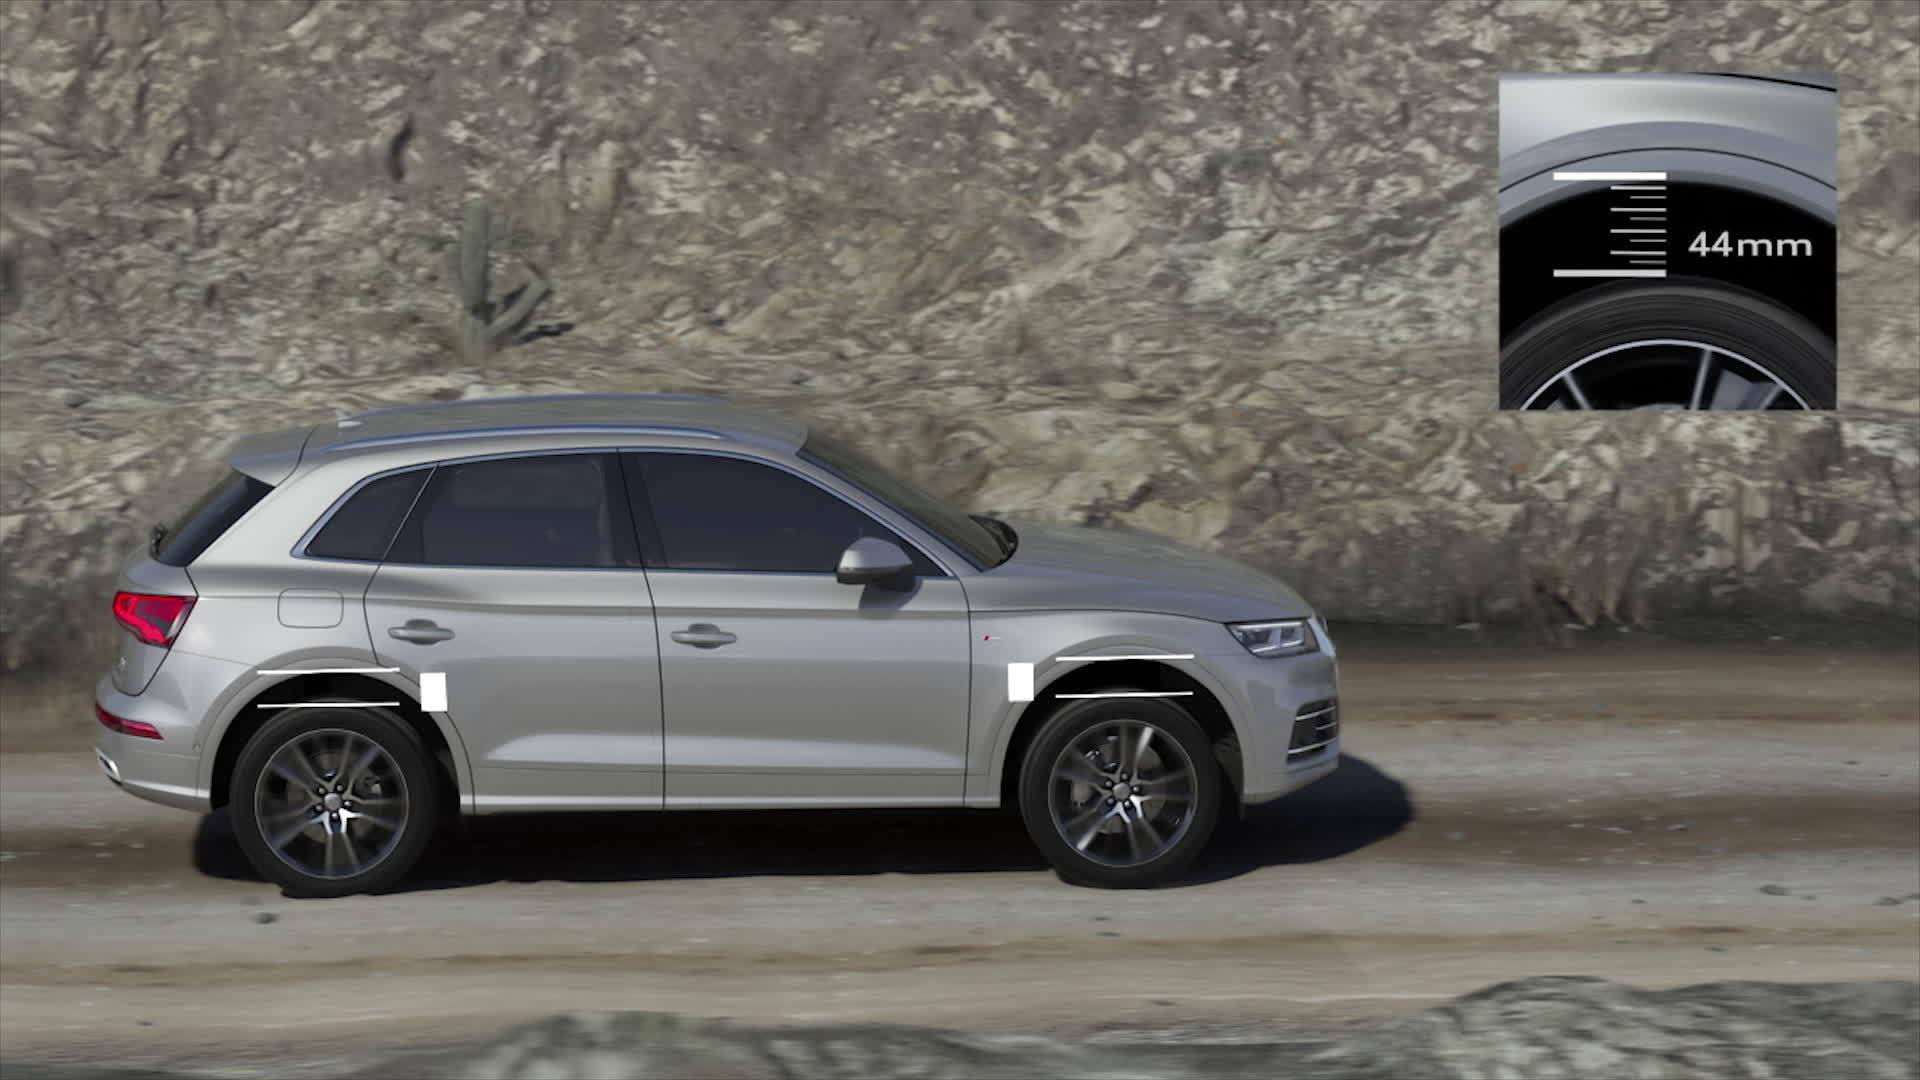 Bereit für nahezu jeden Untergrund - Der Audi Q5 mit adaptive air suspension